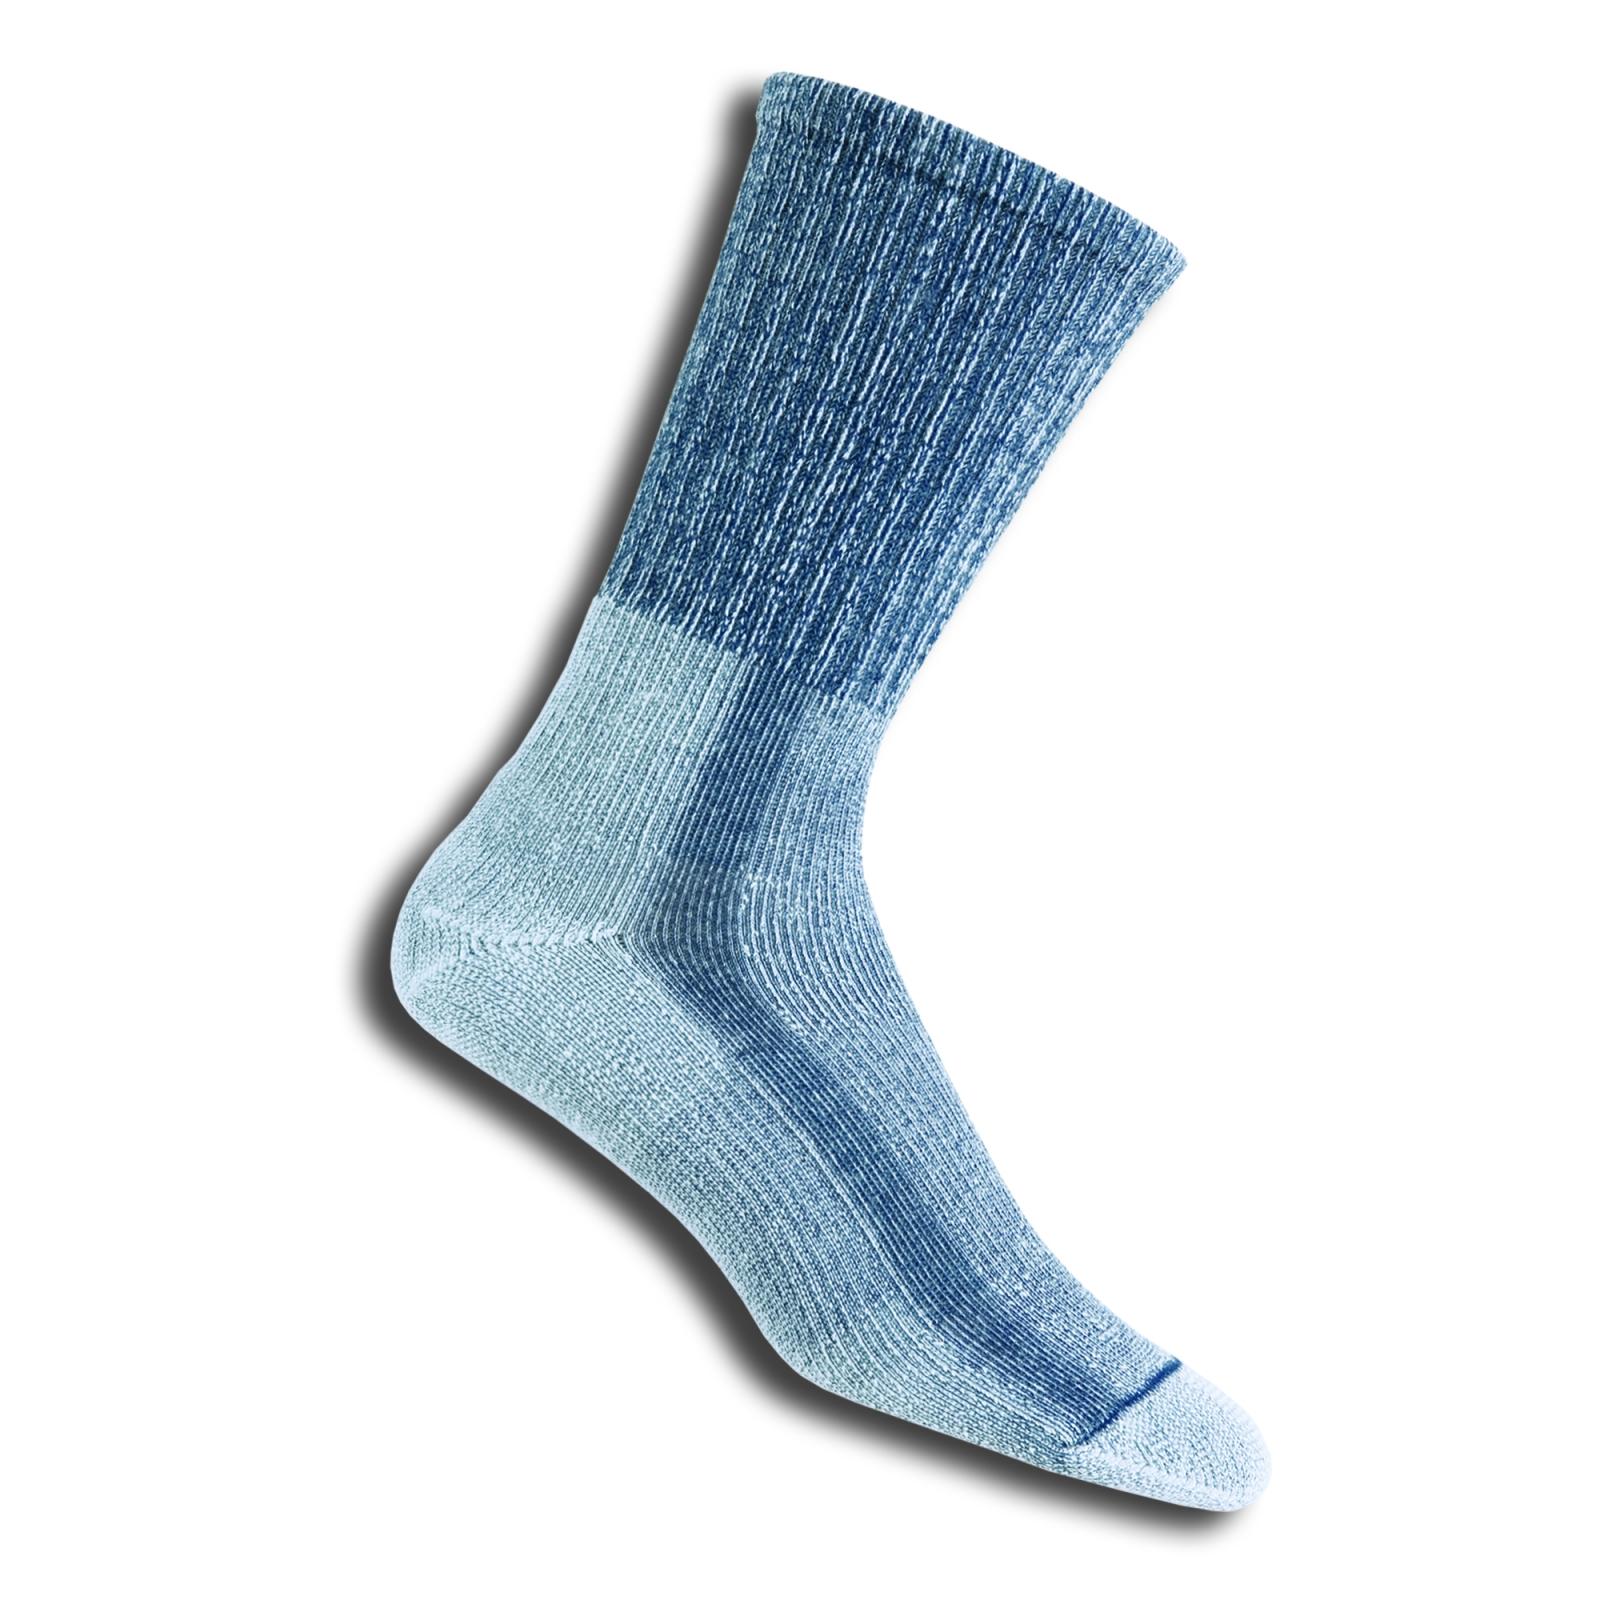 10. Thorlos Light Hiking Socks